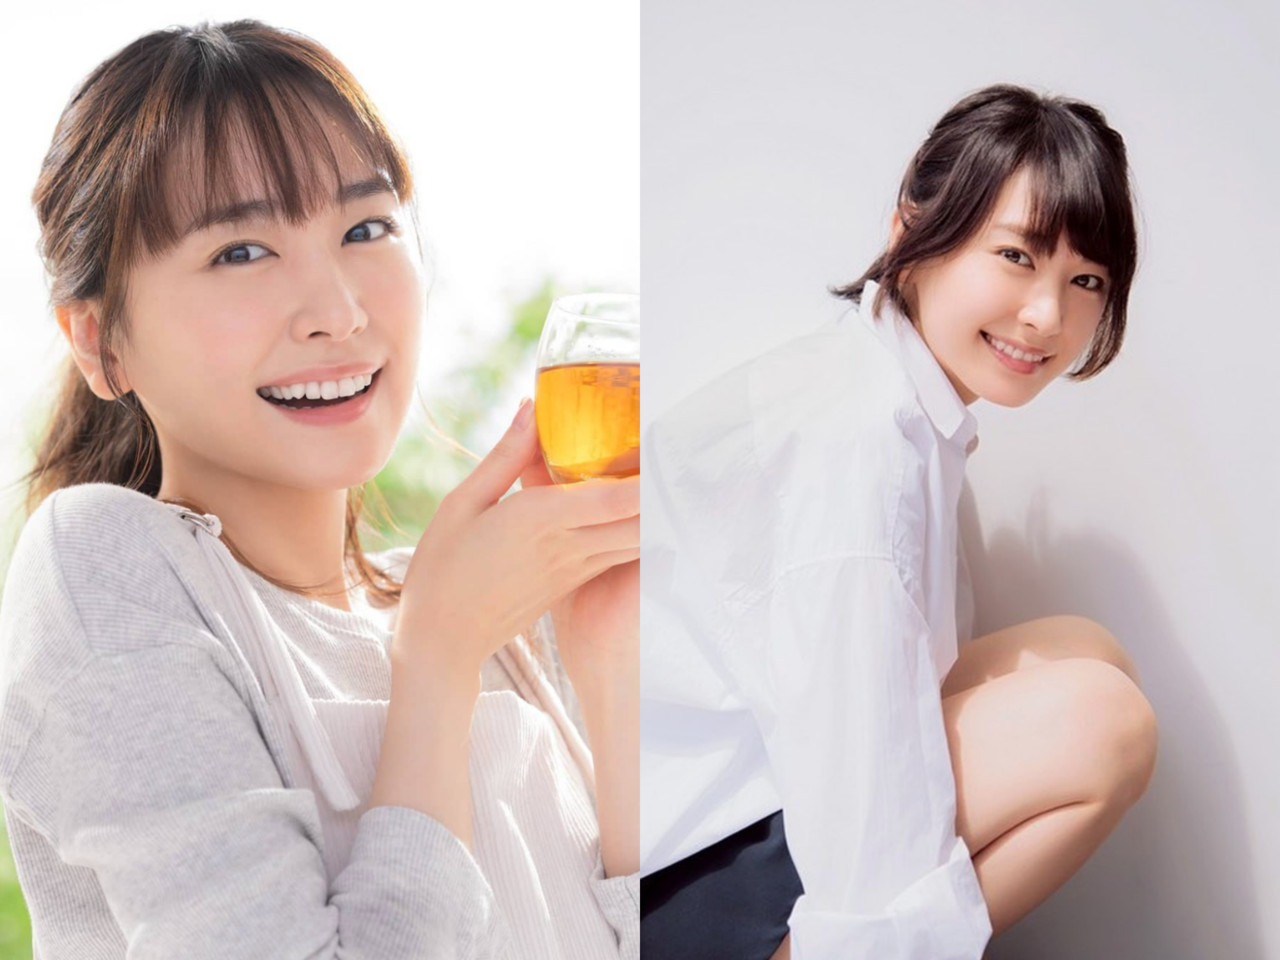 Mỹ nhân được khao khát nhất Nhật Bản chia sẻ bước rửa mặt lạ đời để duy trì làn da trắng mịn ở tuổi 32 - Hình 1